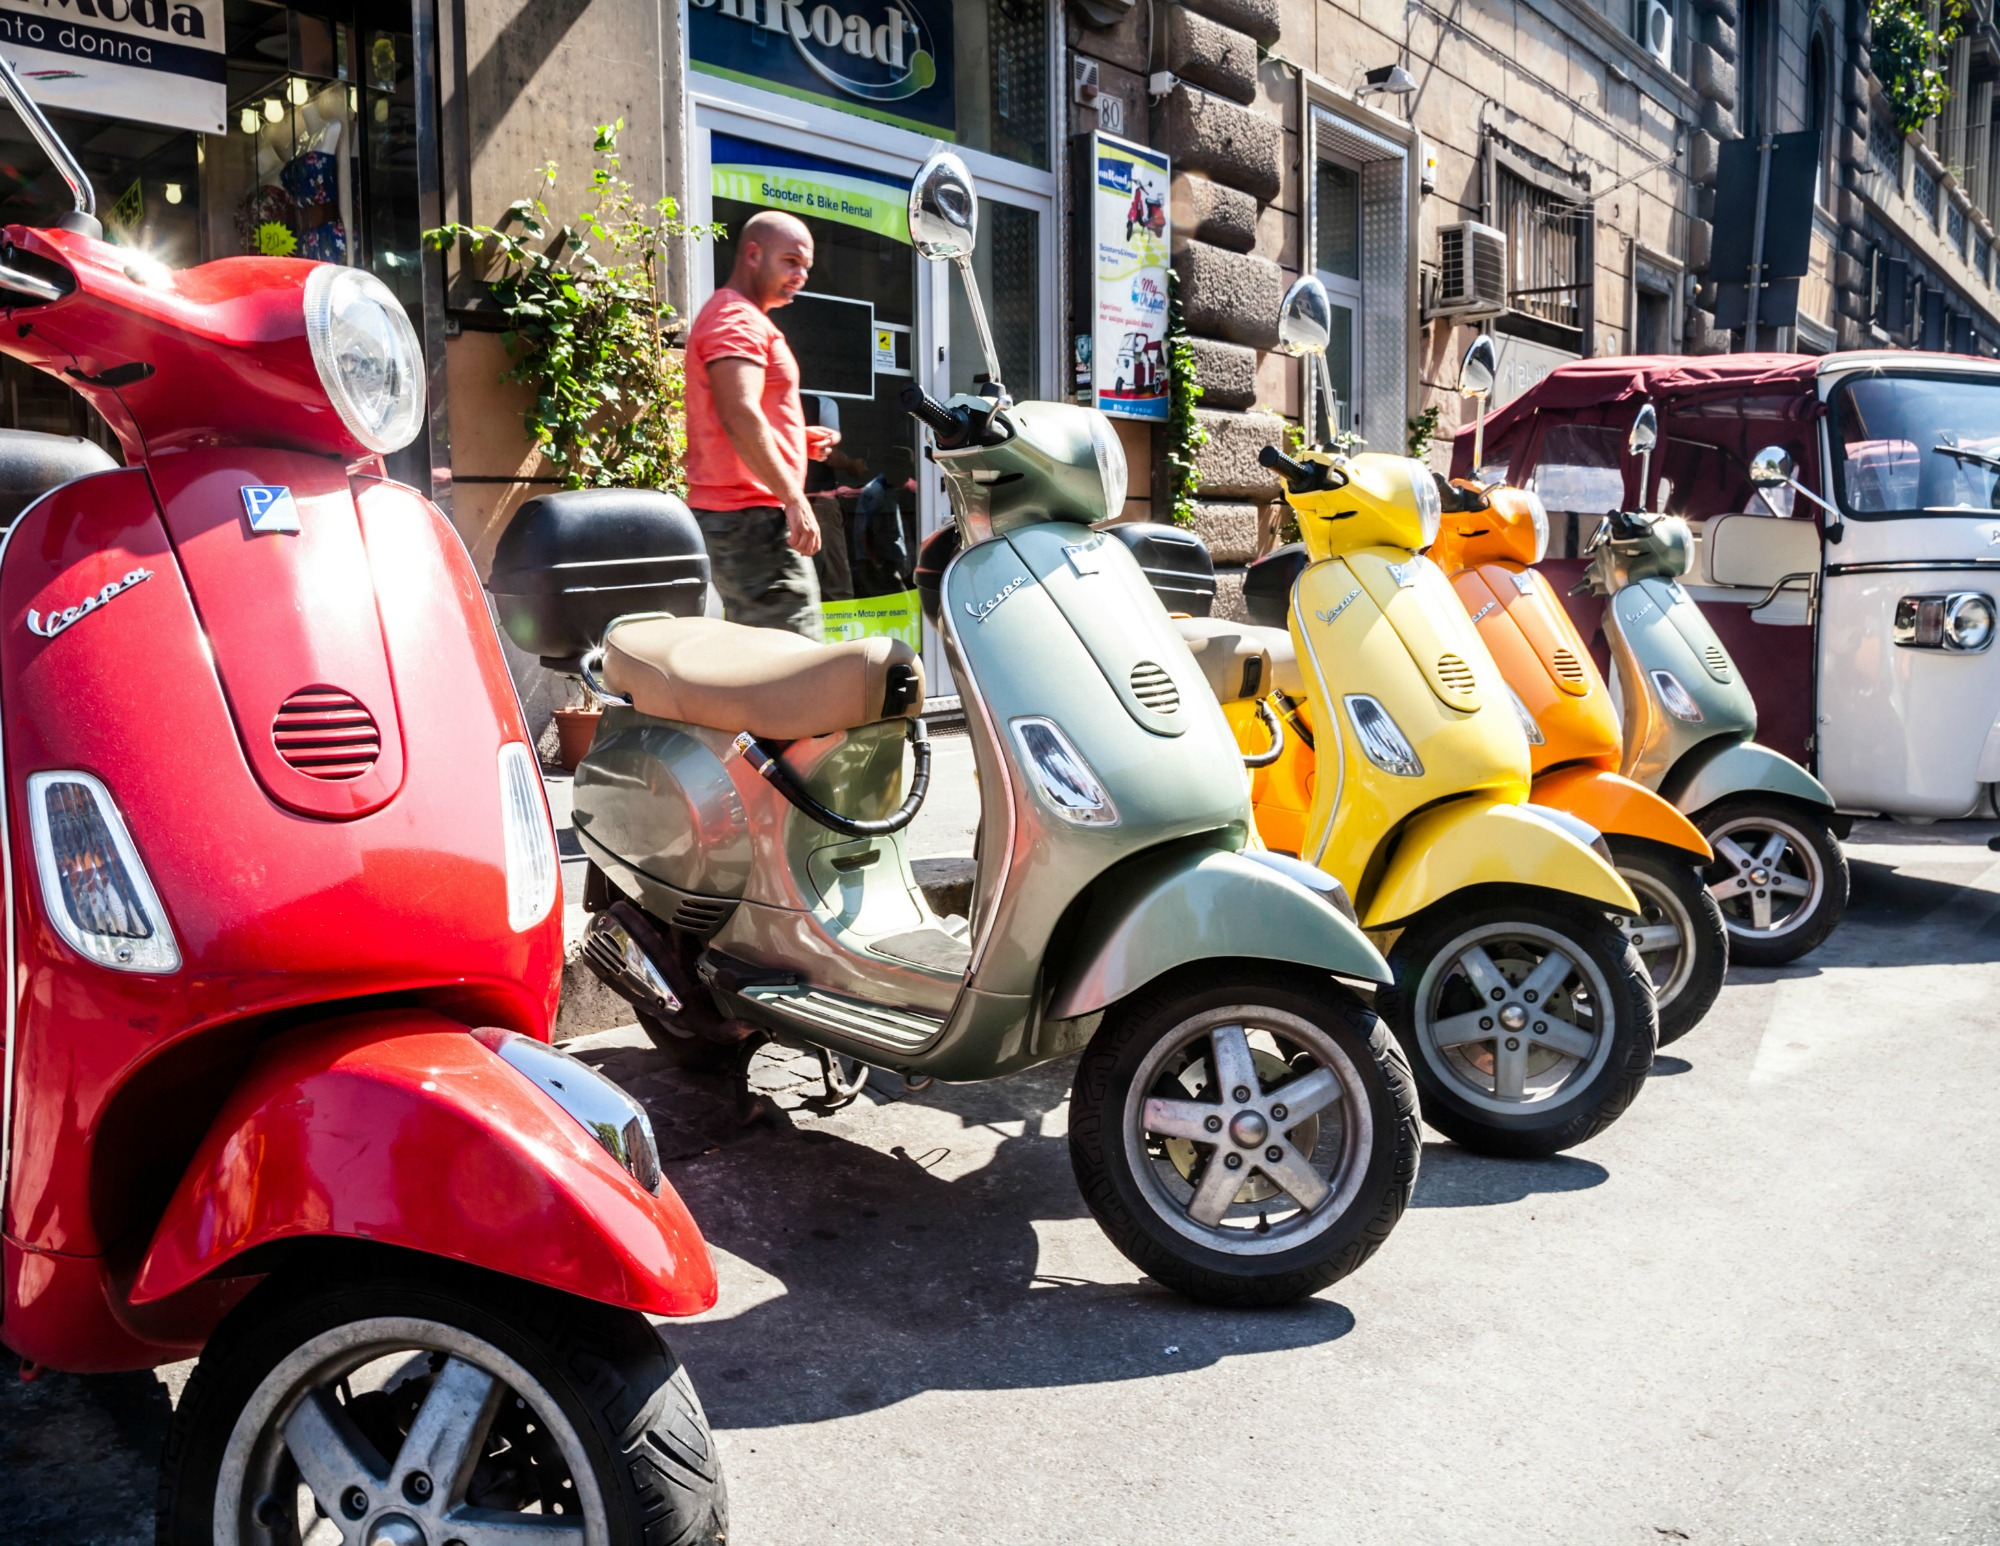 Husk de behagelige sneakers, så du nemt kan komme rundt i byer som Rom. (Foto: All Over)